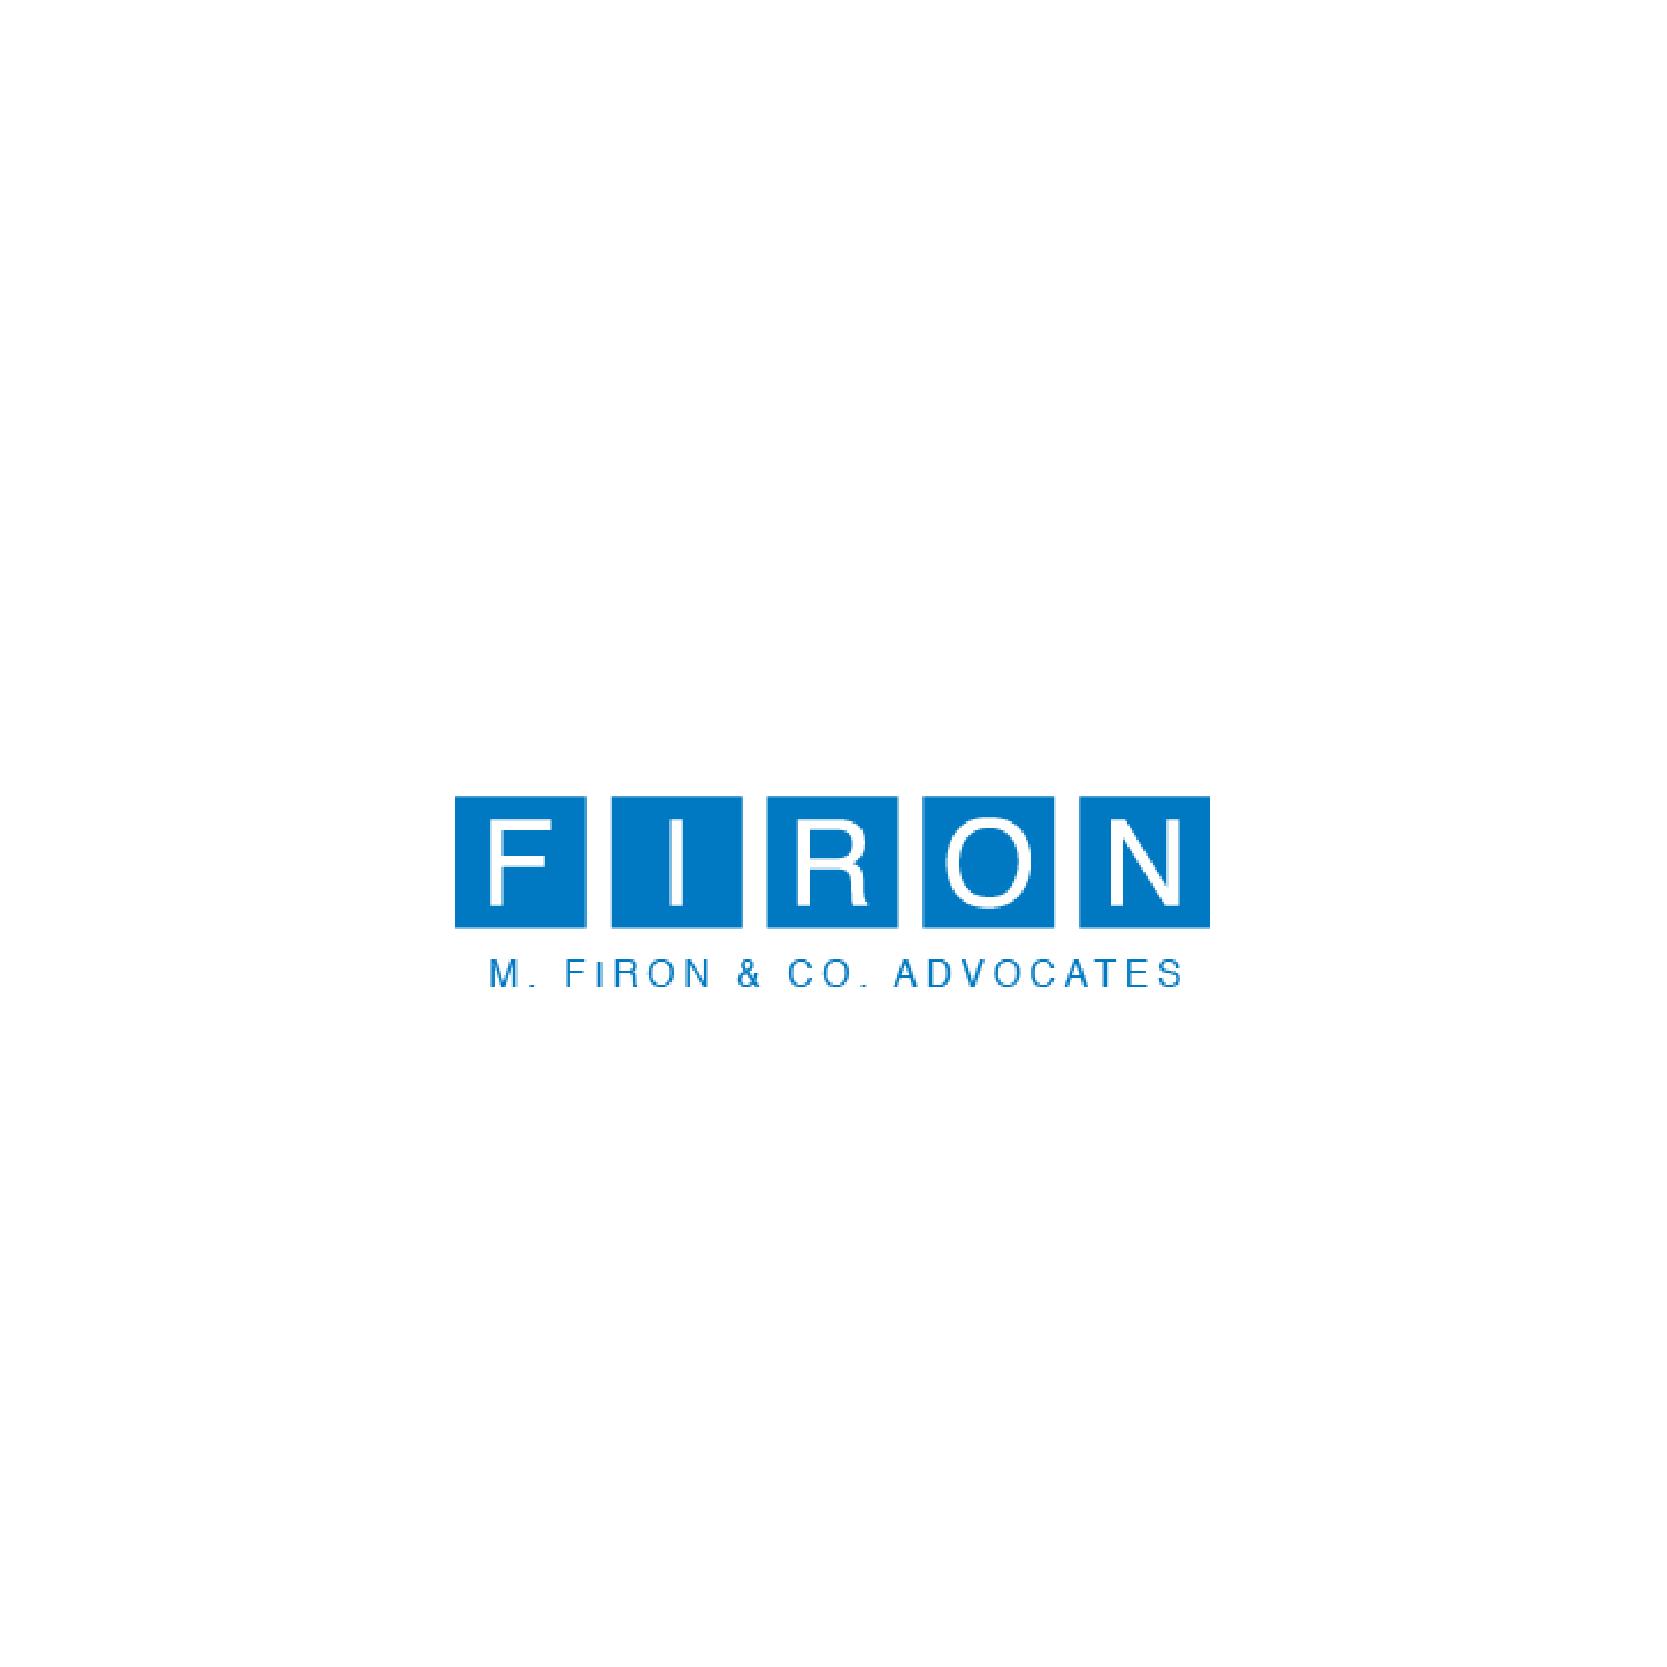 Firon